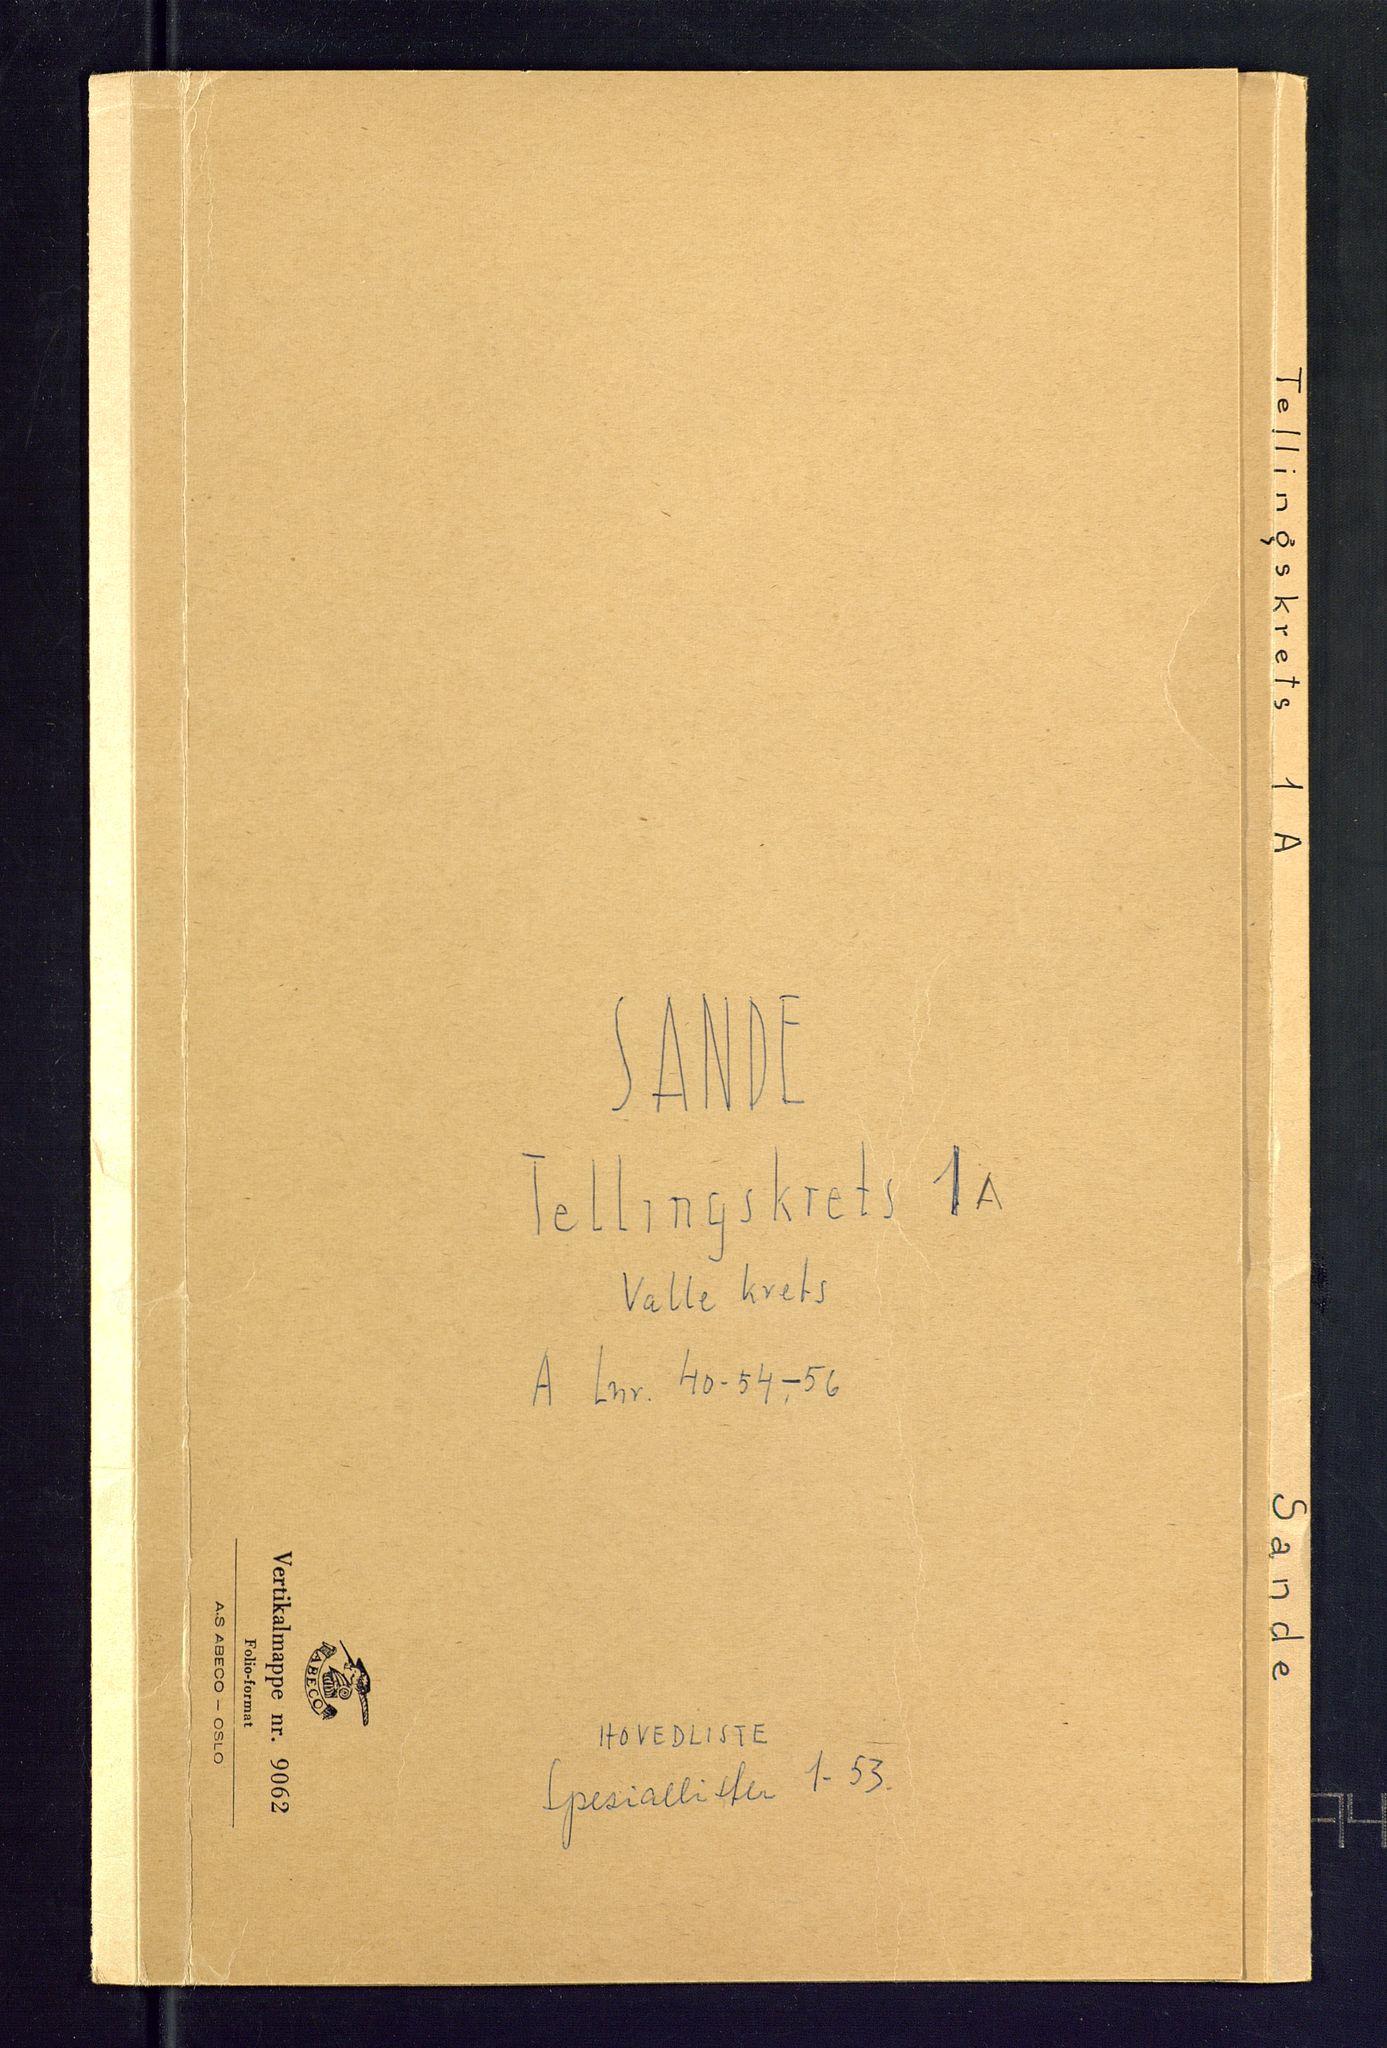 SAKO, Folketelling 1875 for 0713P Sande prestegjeld, 1875, s. 1